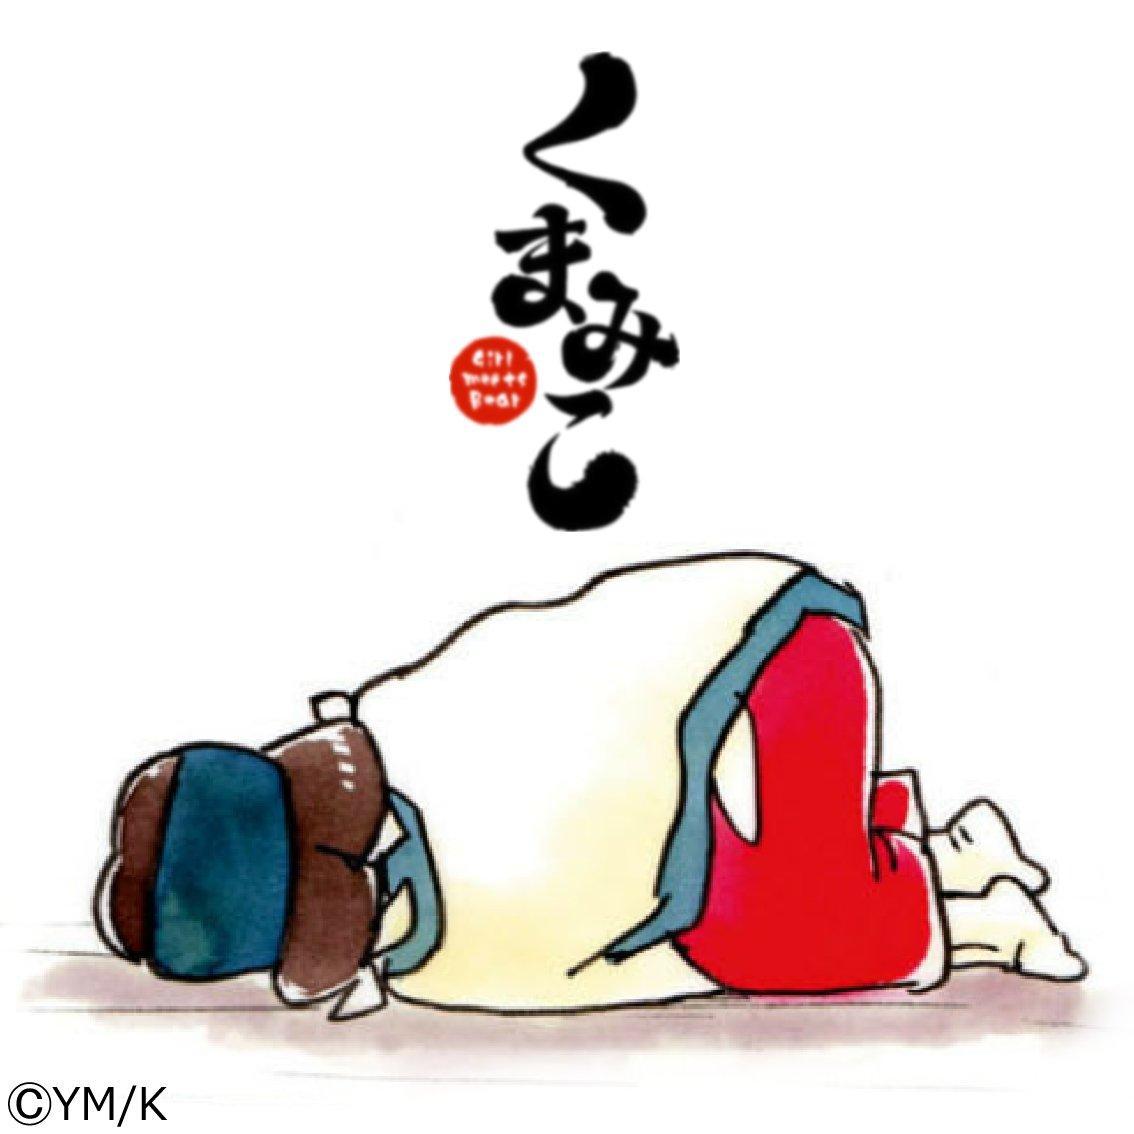 くまみこ50話記念ツイッターアイコン企画第9弾です(´(ェ)`)やる気が出ない時に…!